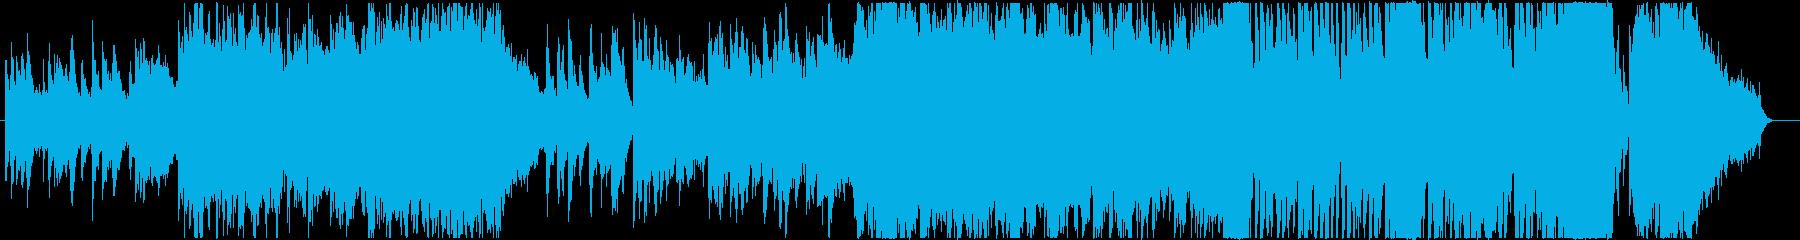 琴の音が印象的な日本的で和風なBGMv2の再生済みの波形